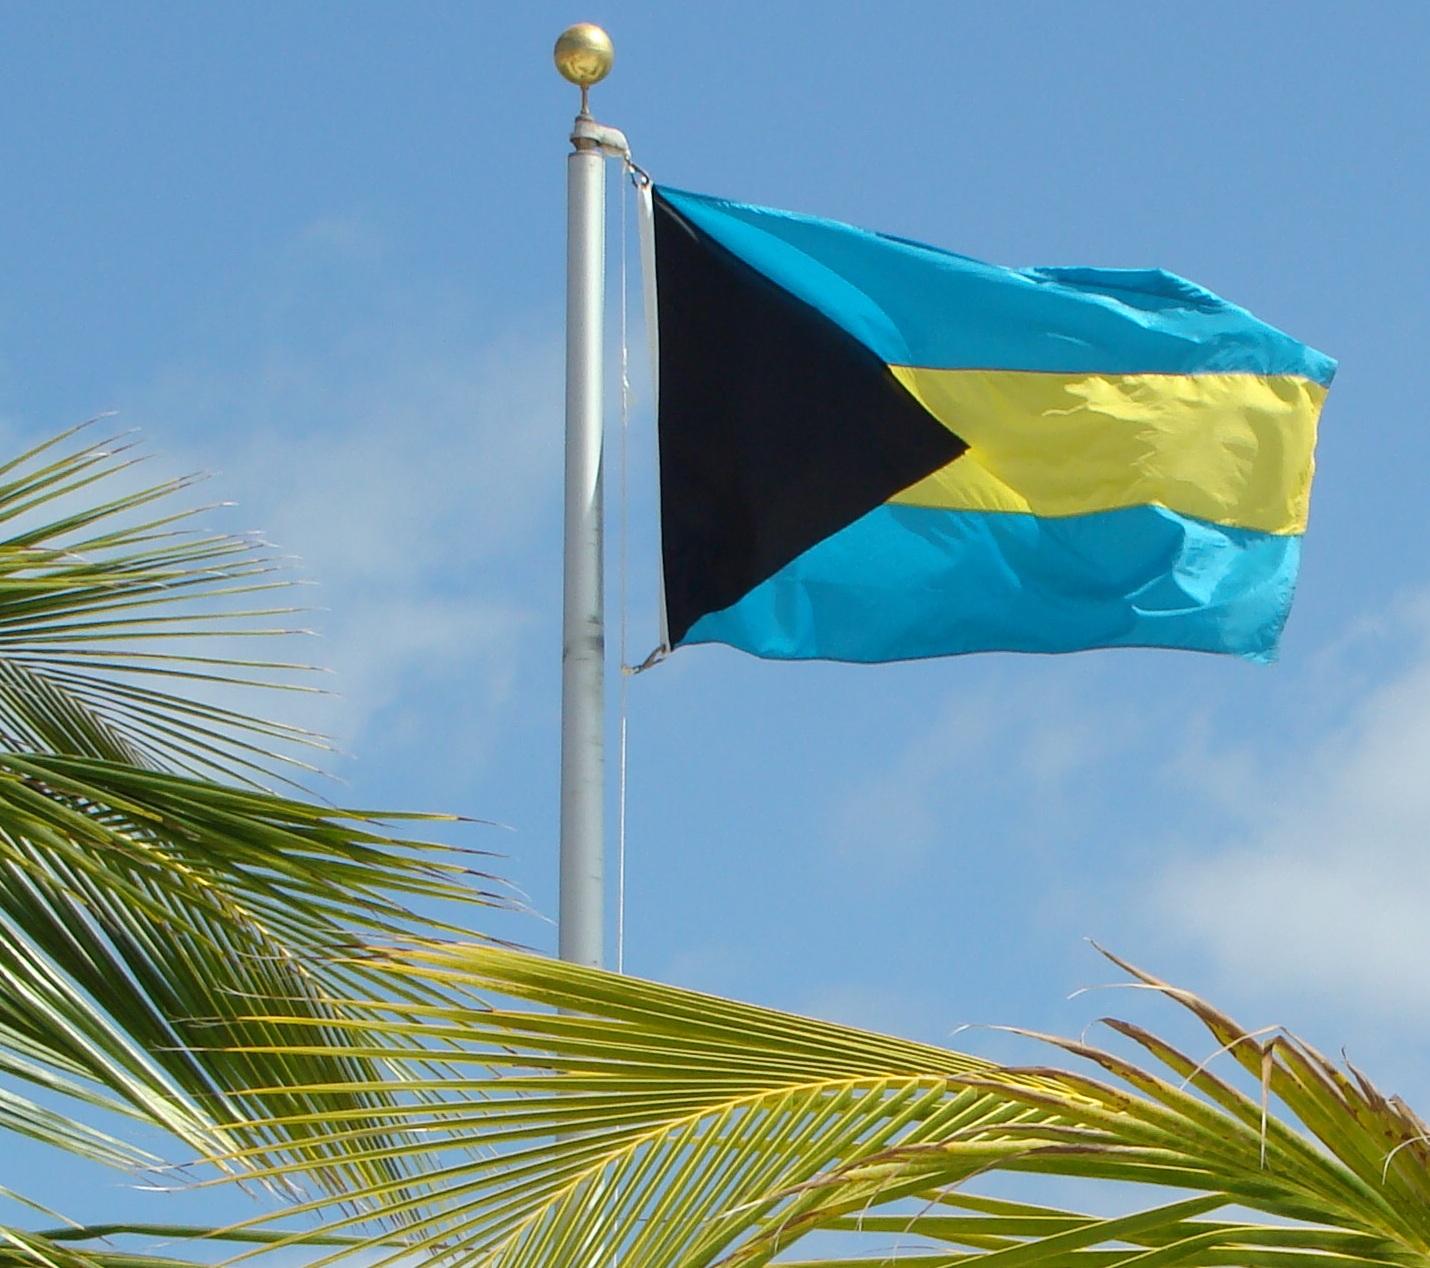 Bahamas Flag Symbolism